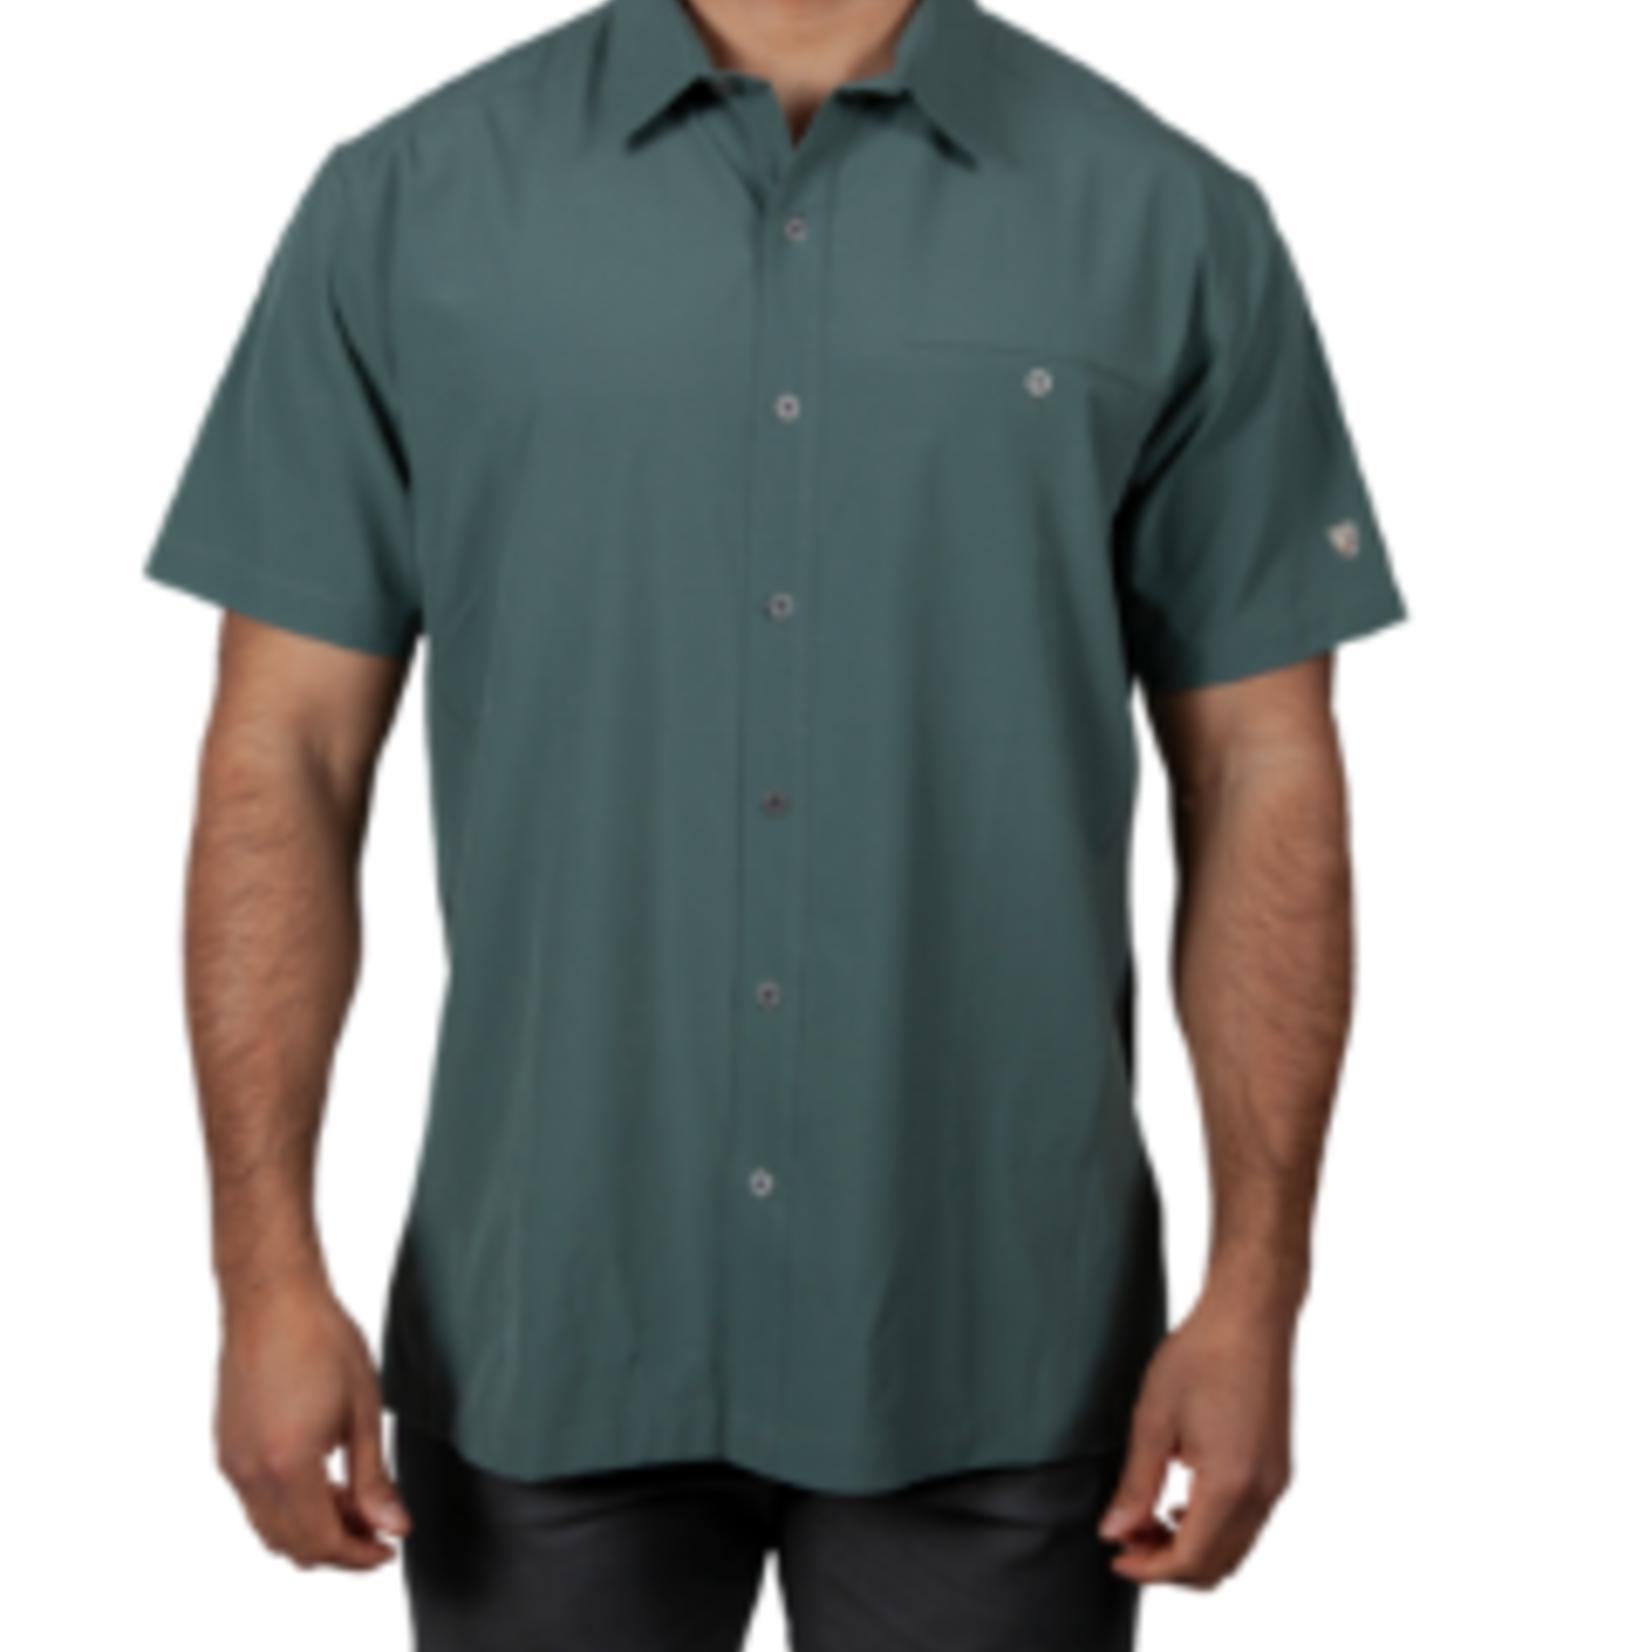 Kuhl Kuhl M's Renegade Shirt - P-136722